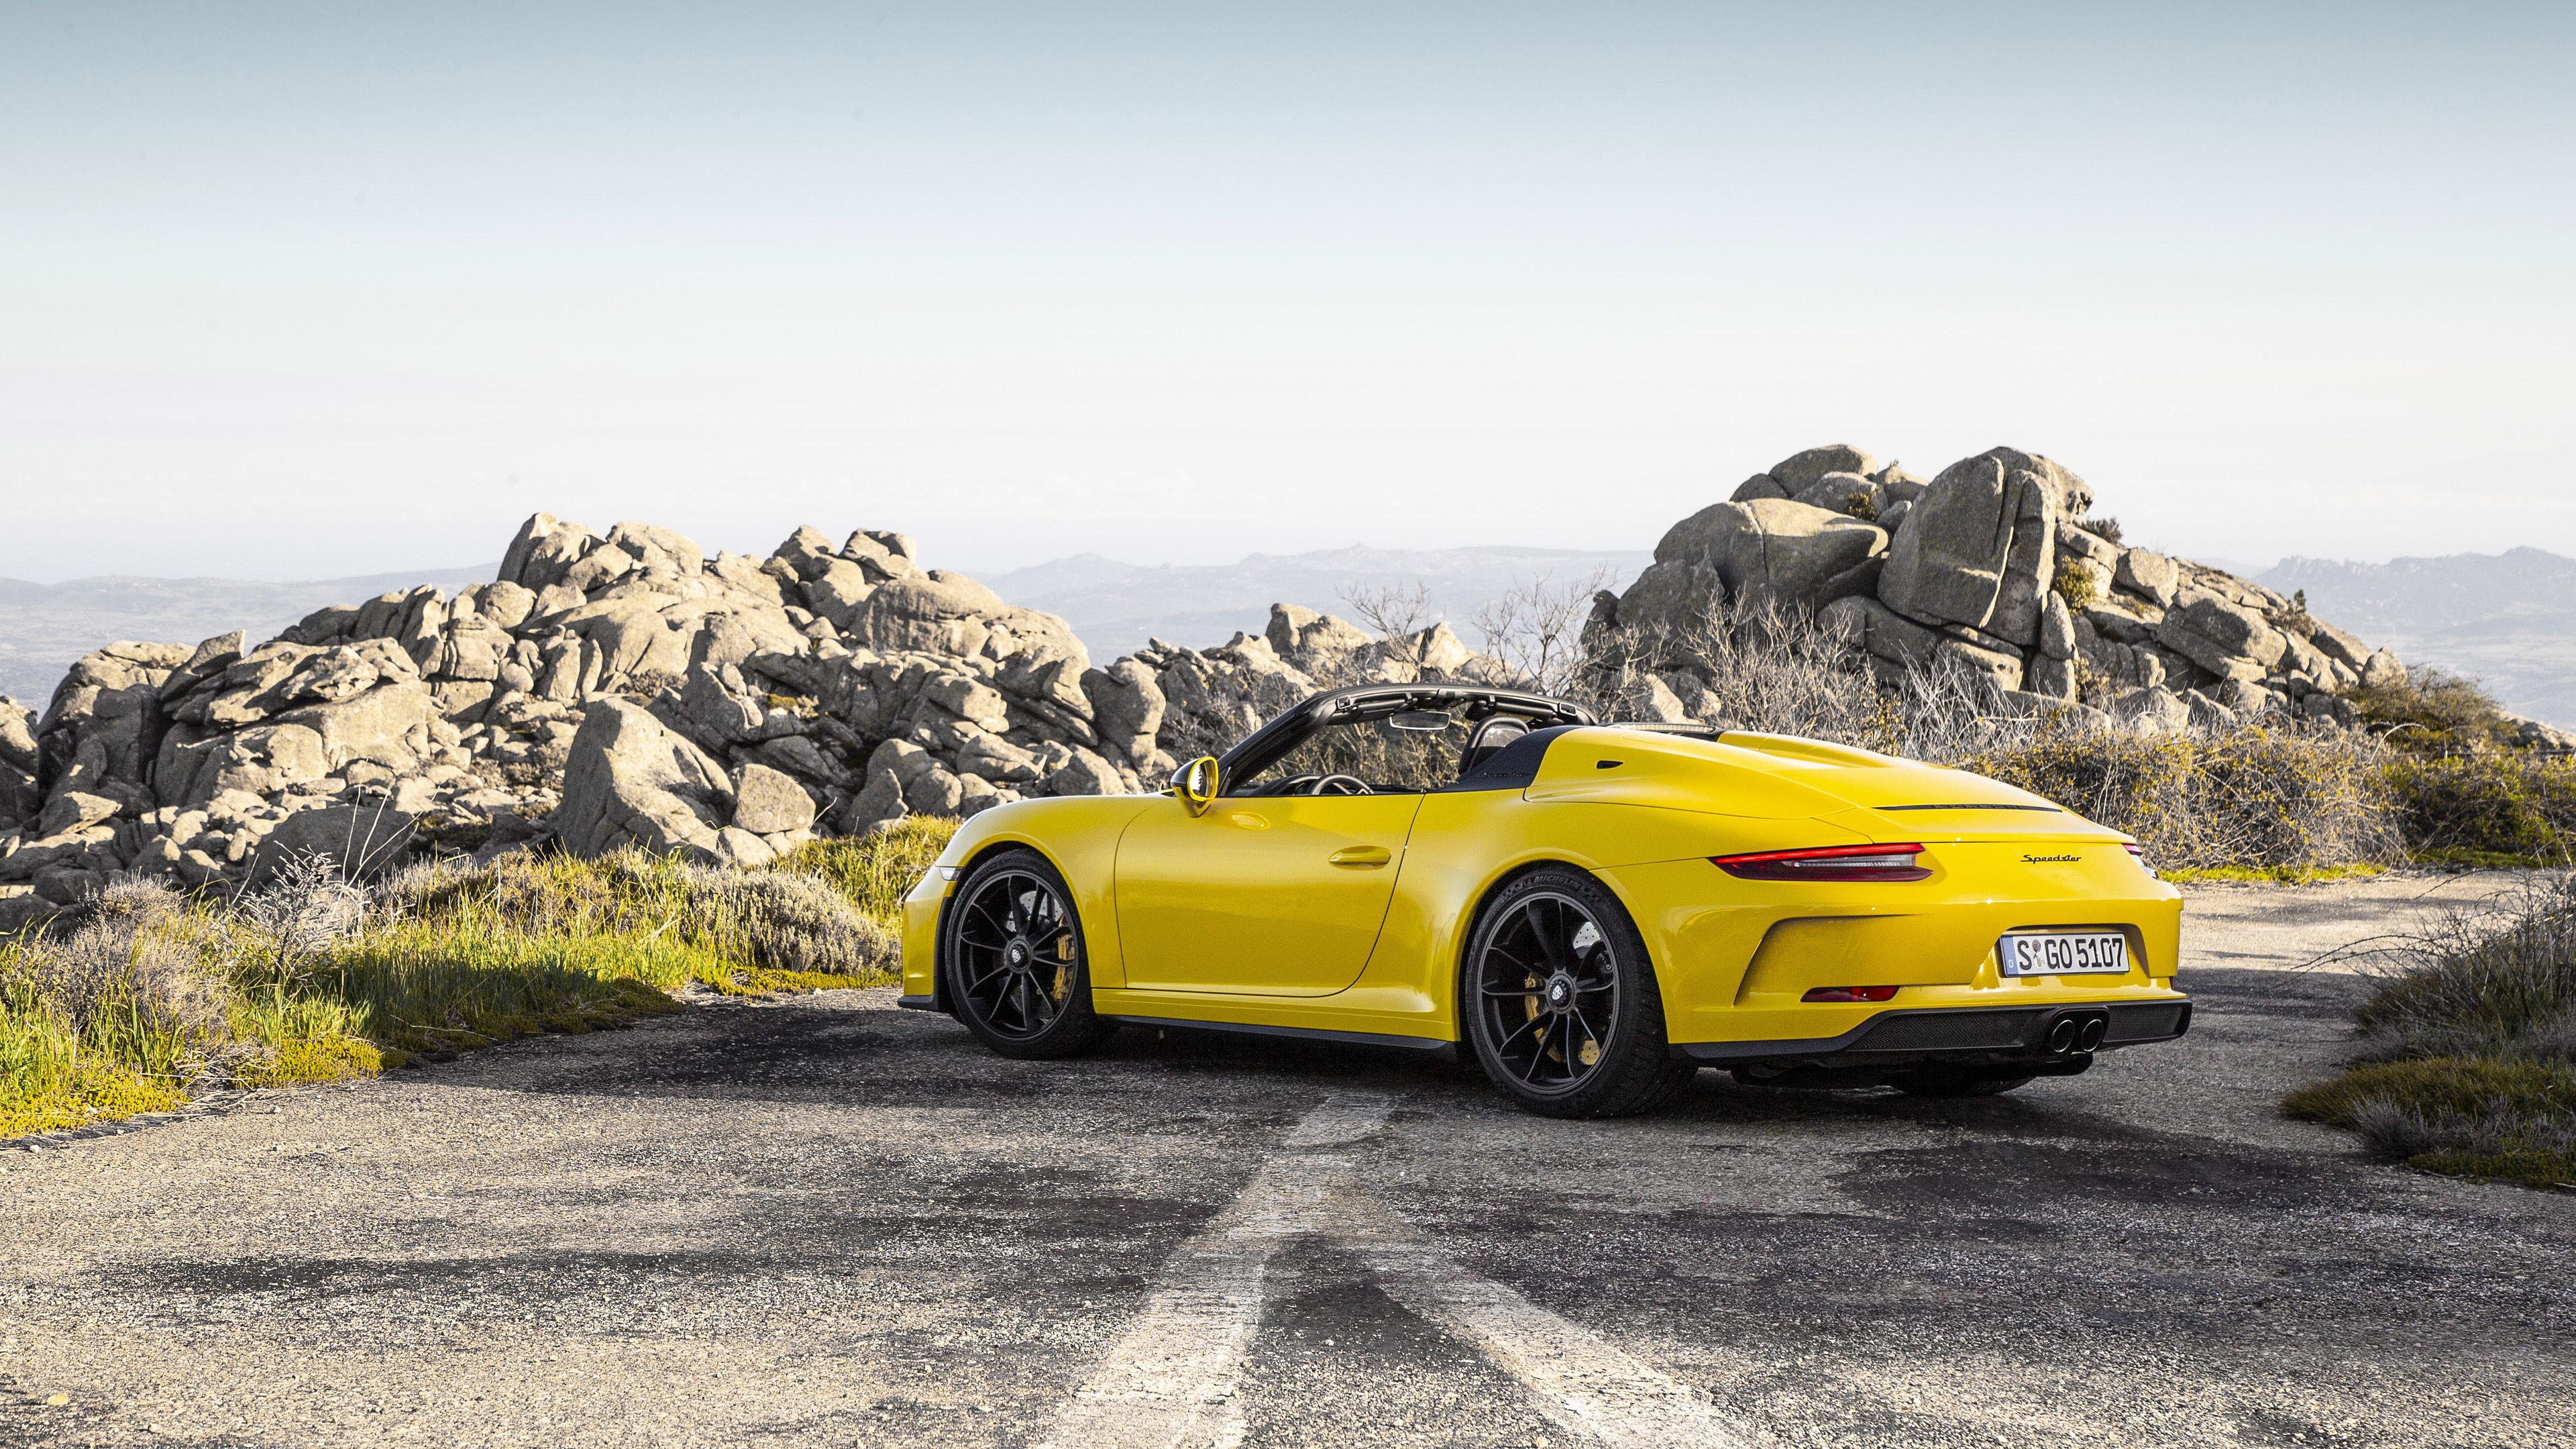 2019 porsche 911 speedster 1569188308 - 2019 Porsche 911 Speedster - porsche wallpapers, porsche 911 wallpapers, hd-wallpapers, cars wallpapers, 4k-wallpapers